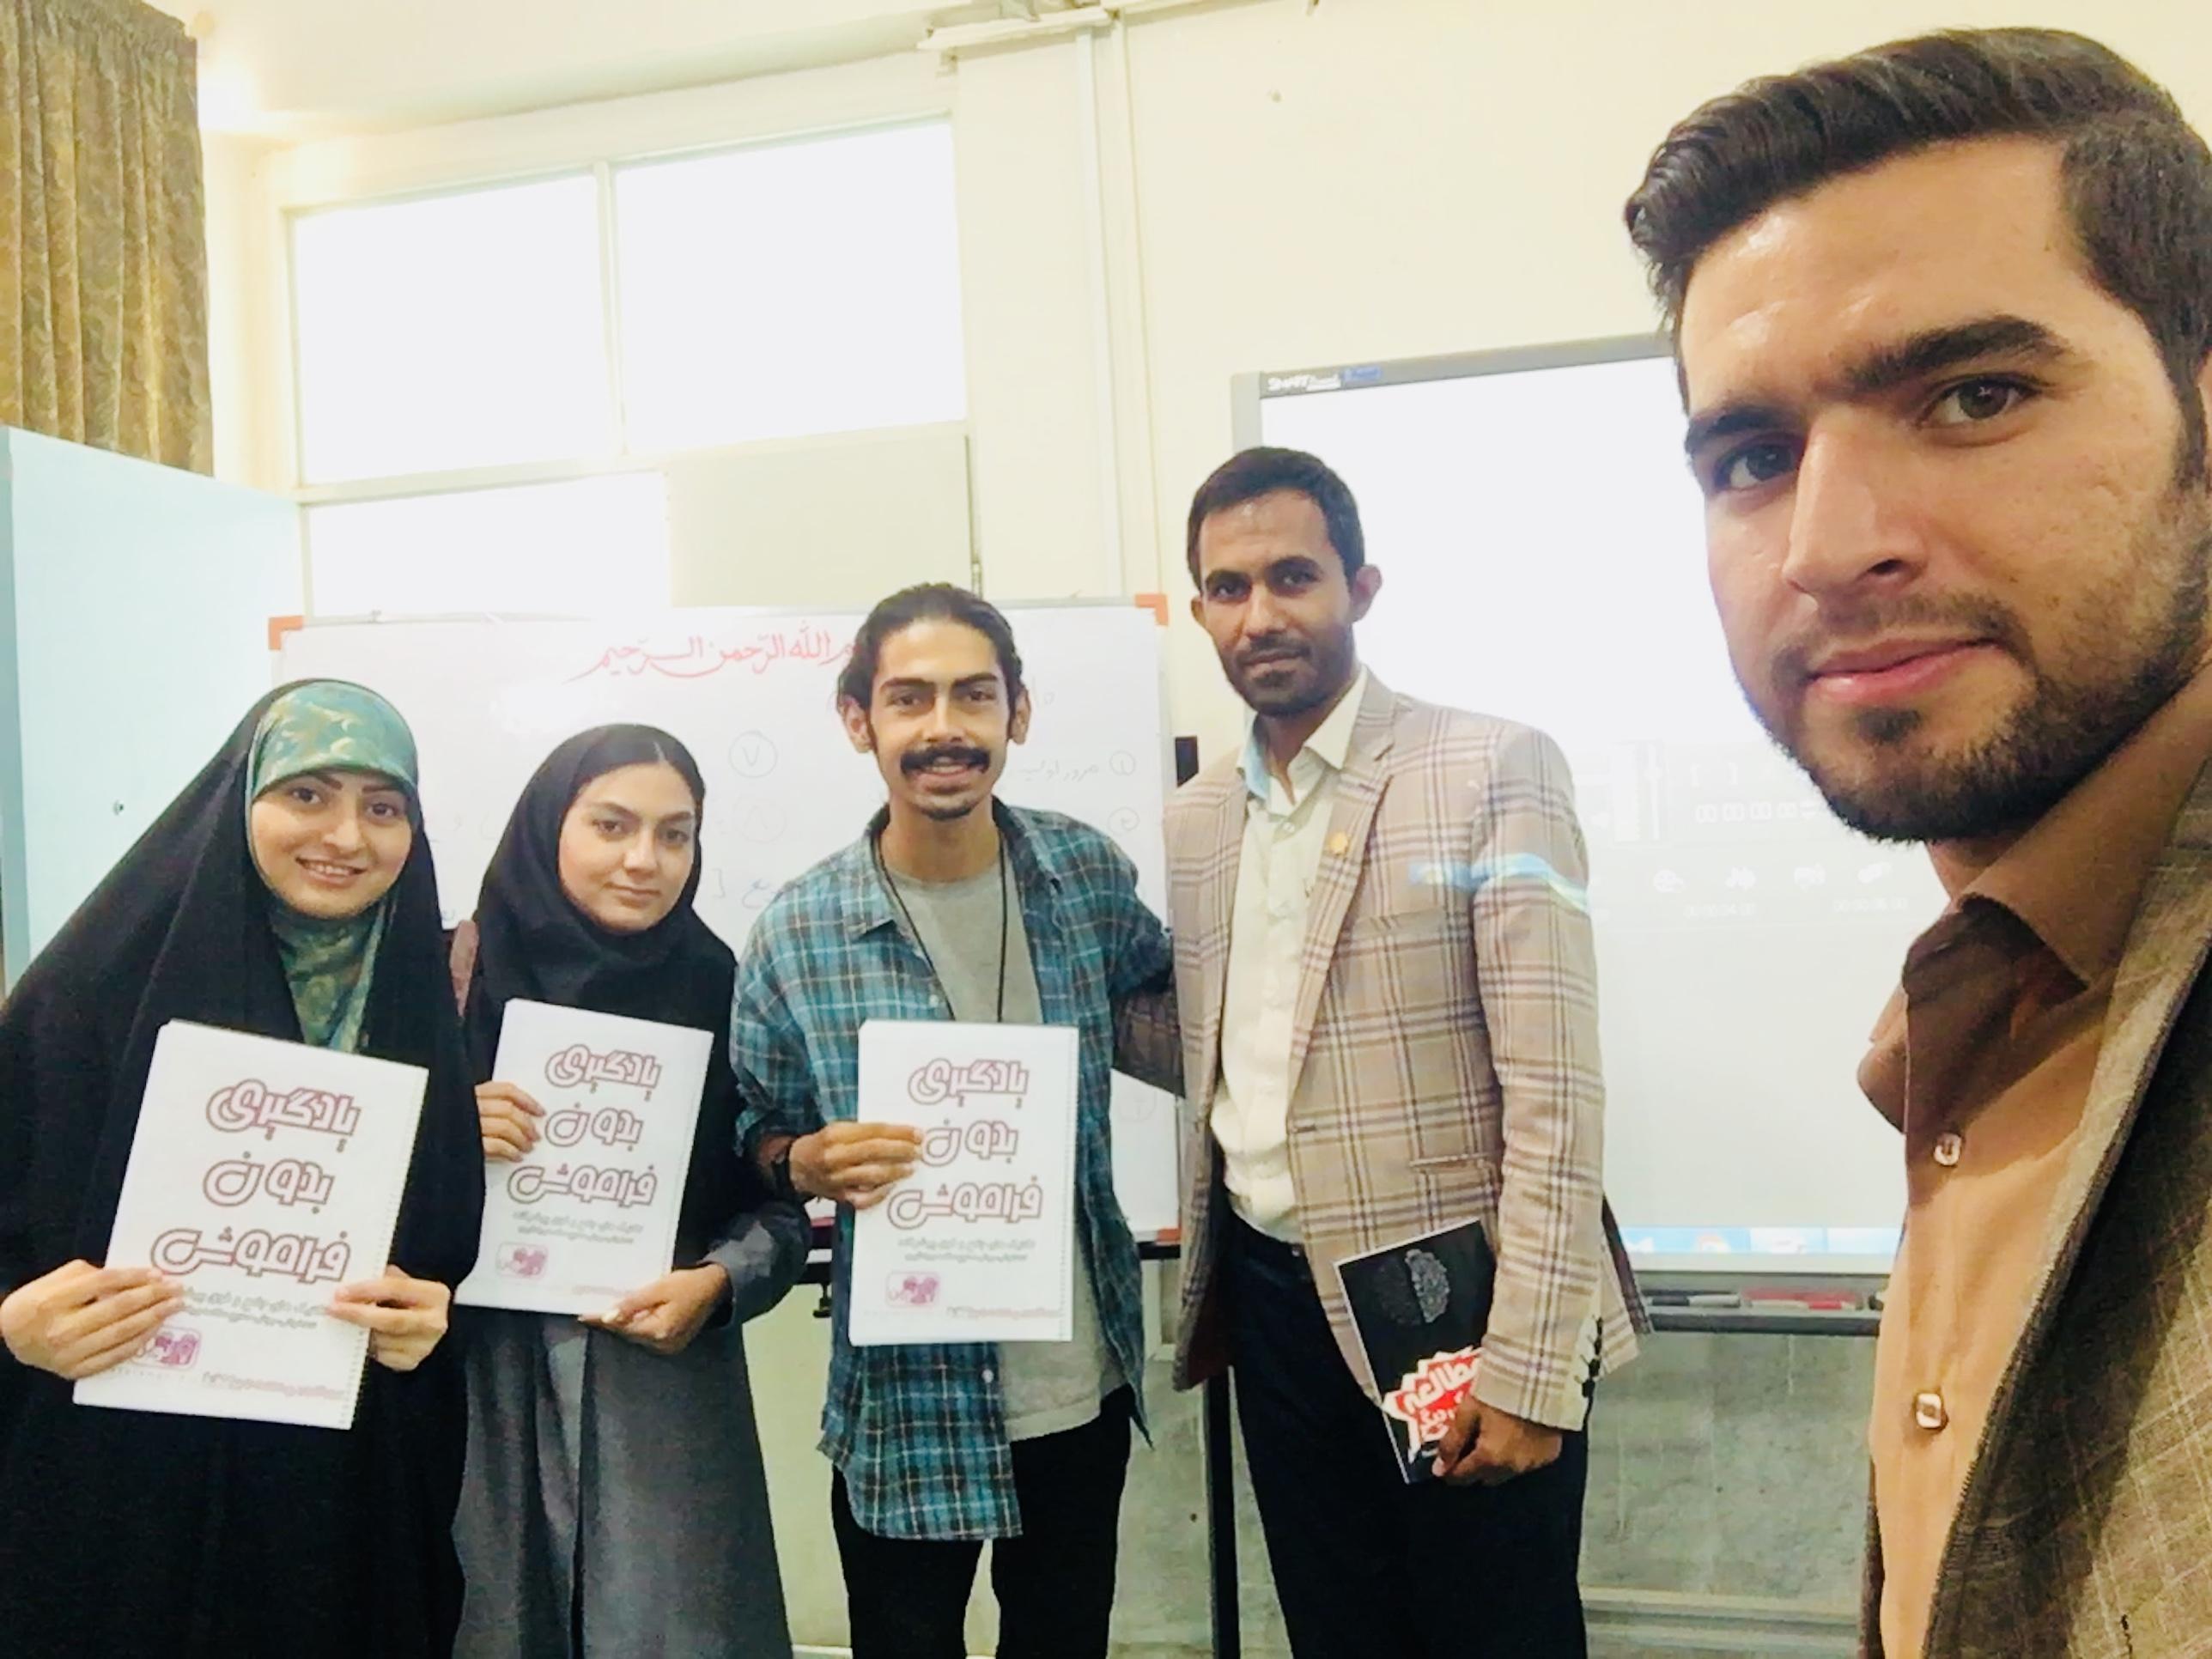 دوره یادگیری بدون فراموشی دانشگاه فرهنگیان